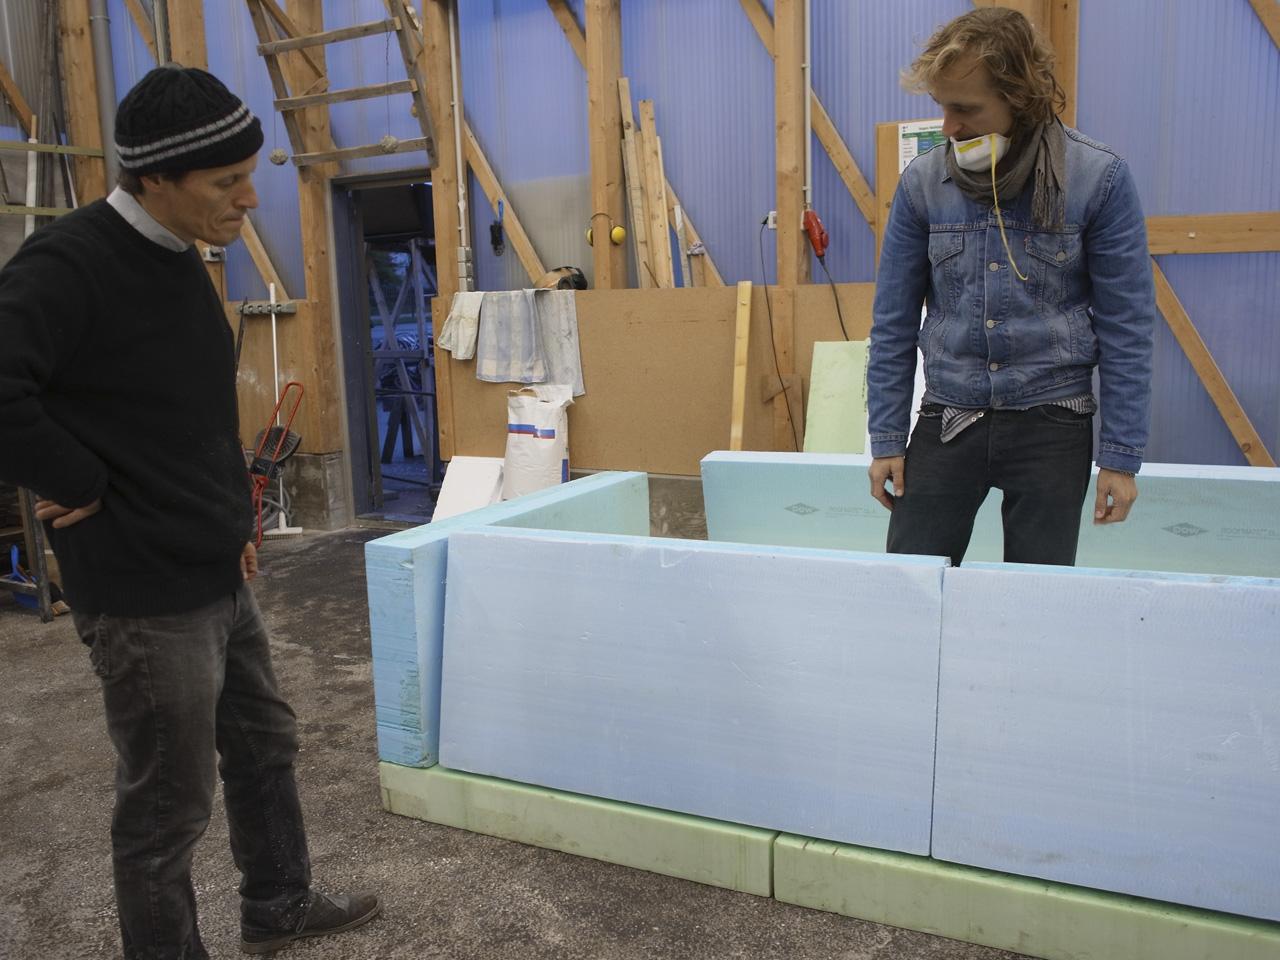 size does matter gro skulpturen aus styropor klasse vetter hfk bremen. Black Bedroom Furniture Sets. Home Design Ideas